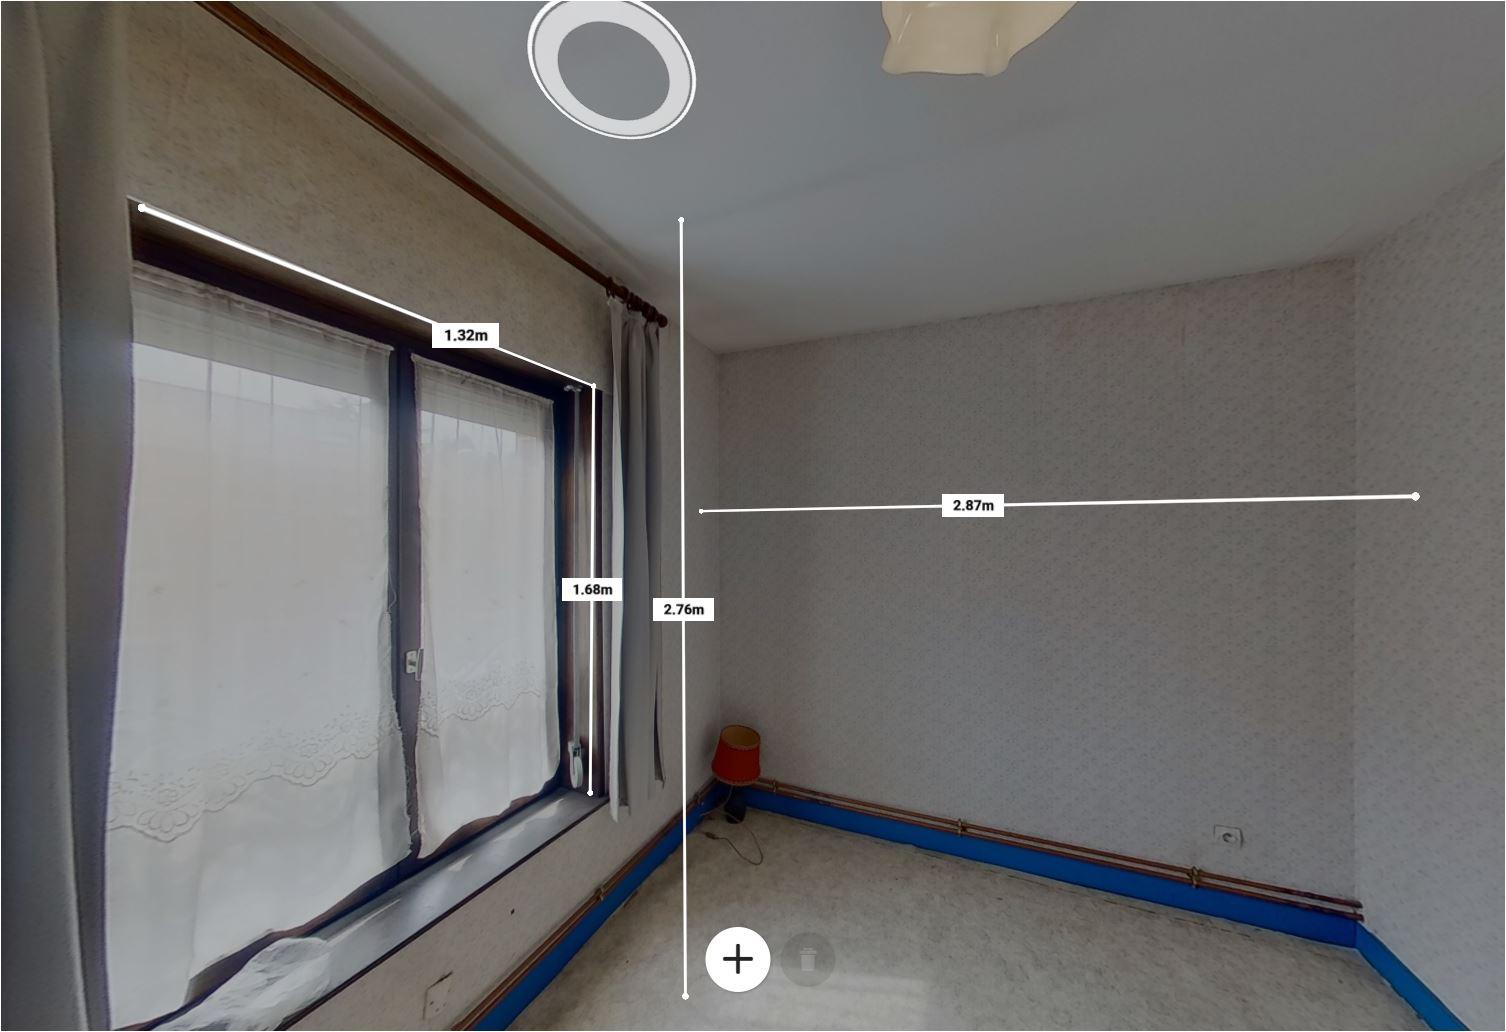 mesure dans une visite virtuelle